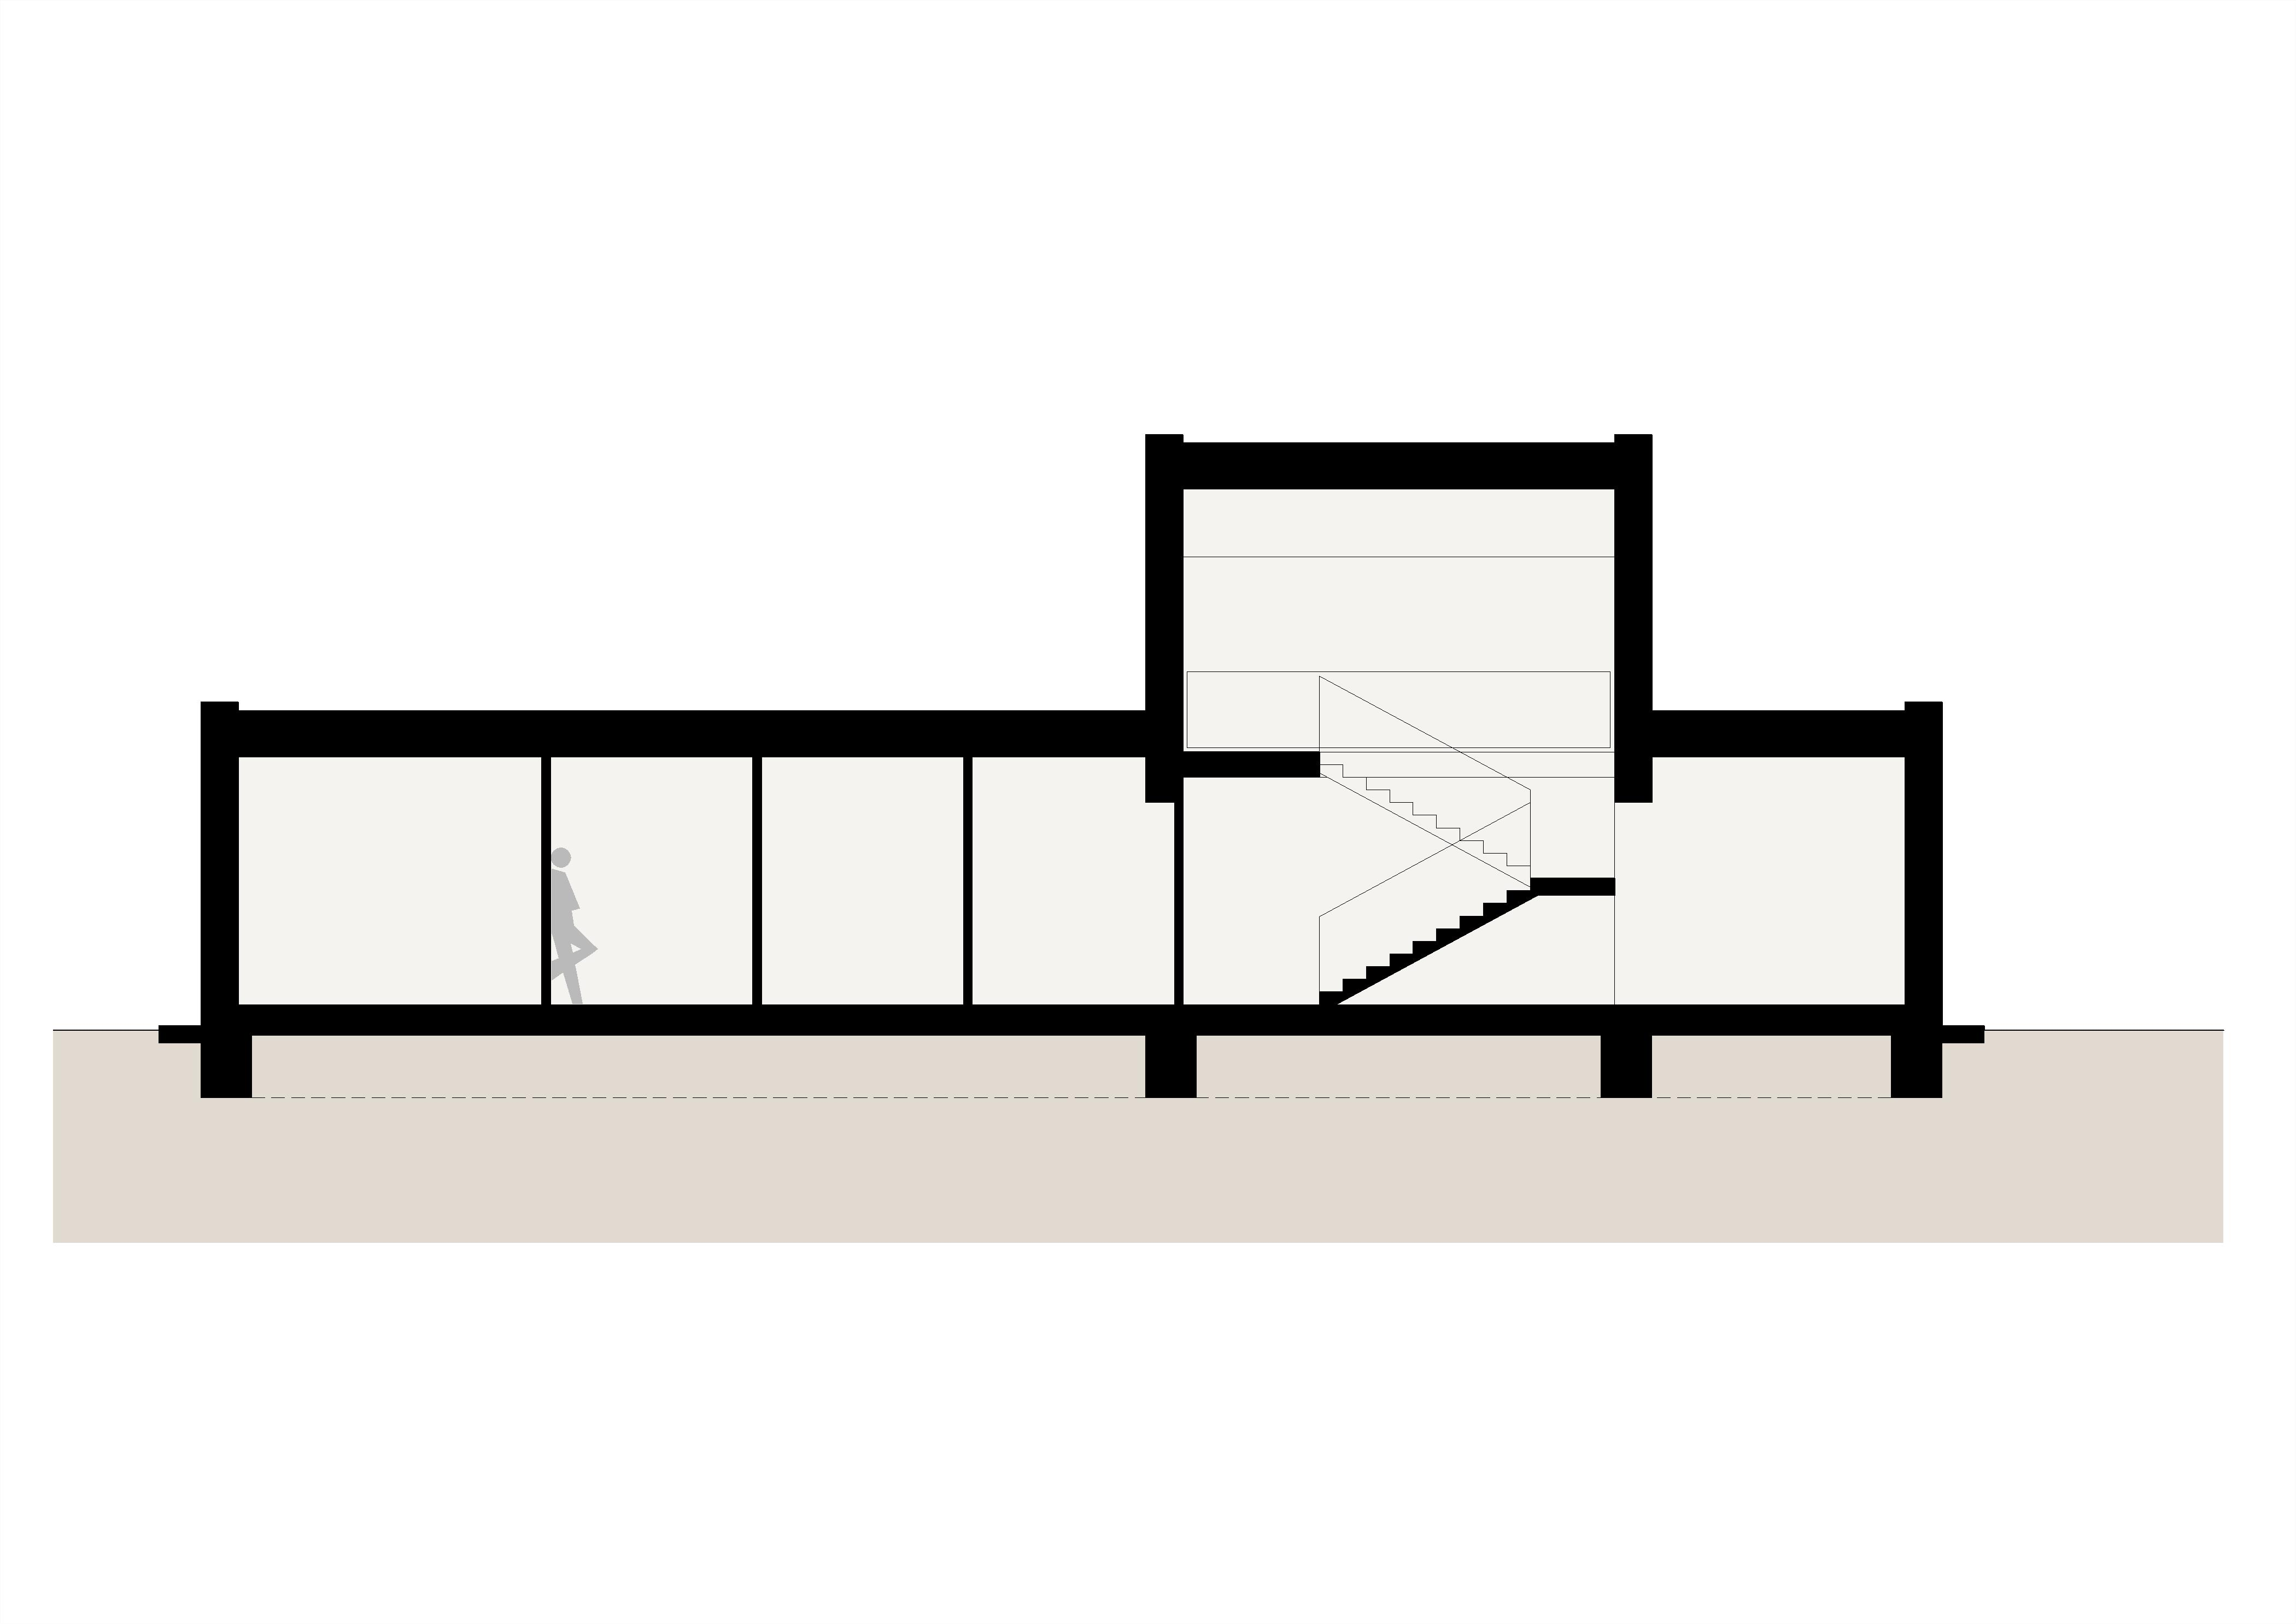 Projekt stavby rodinného domu IV 10